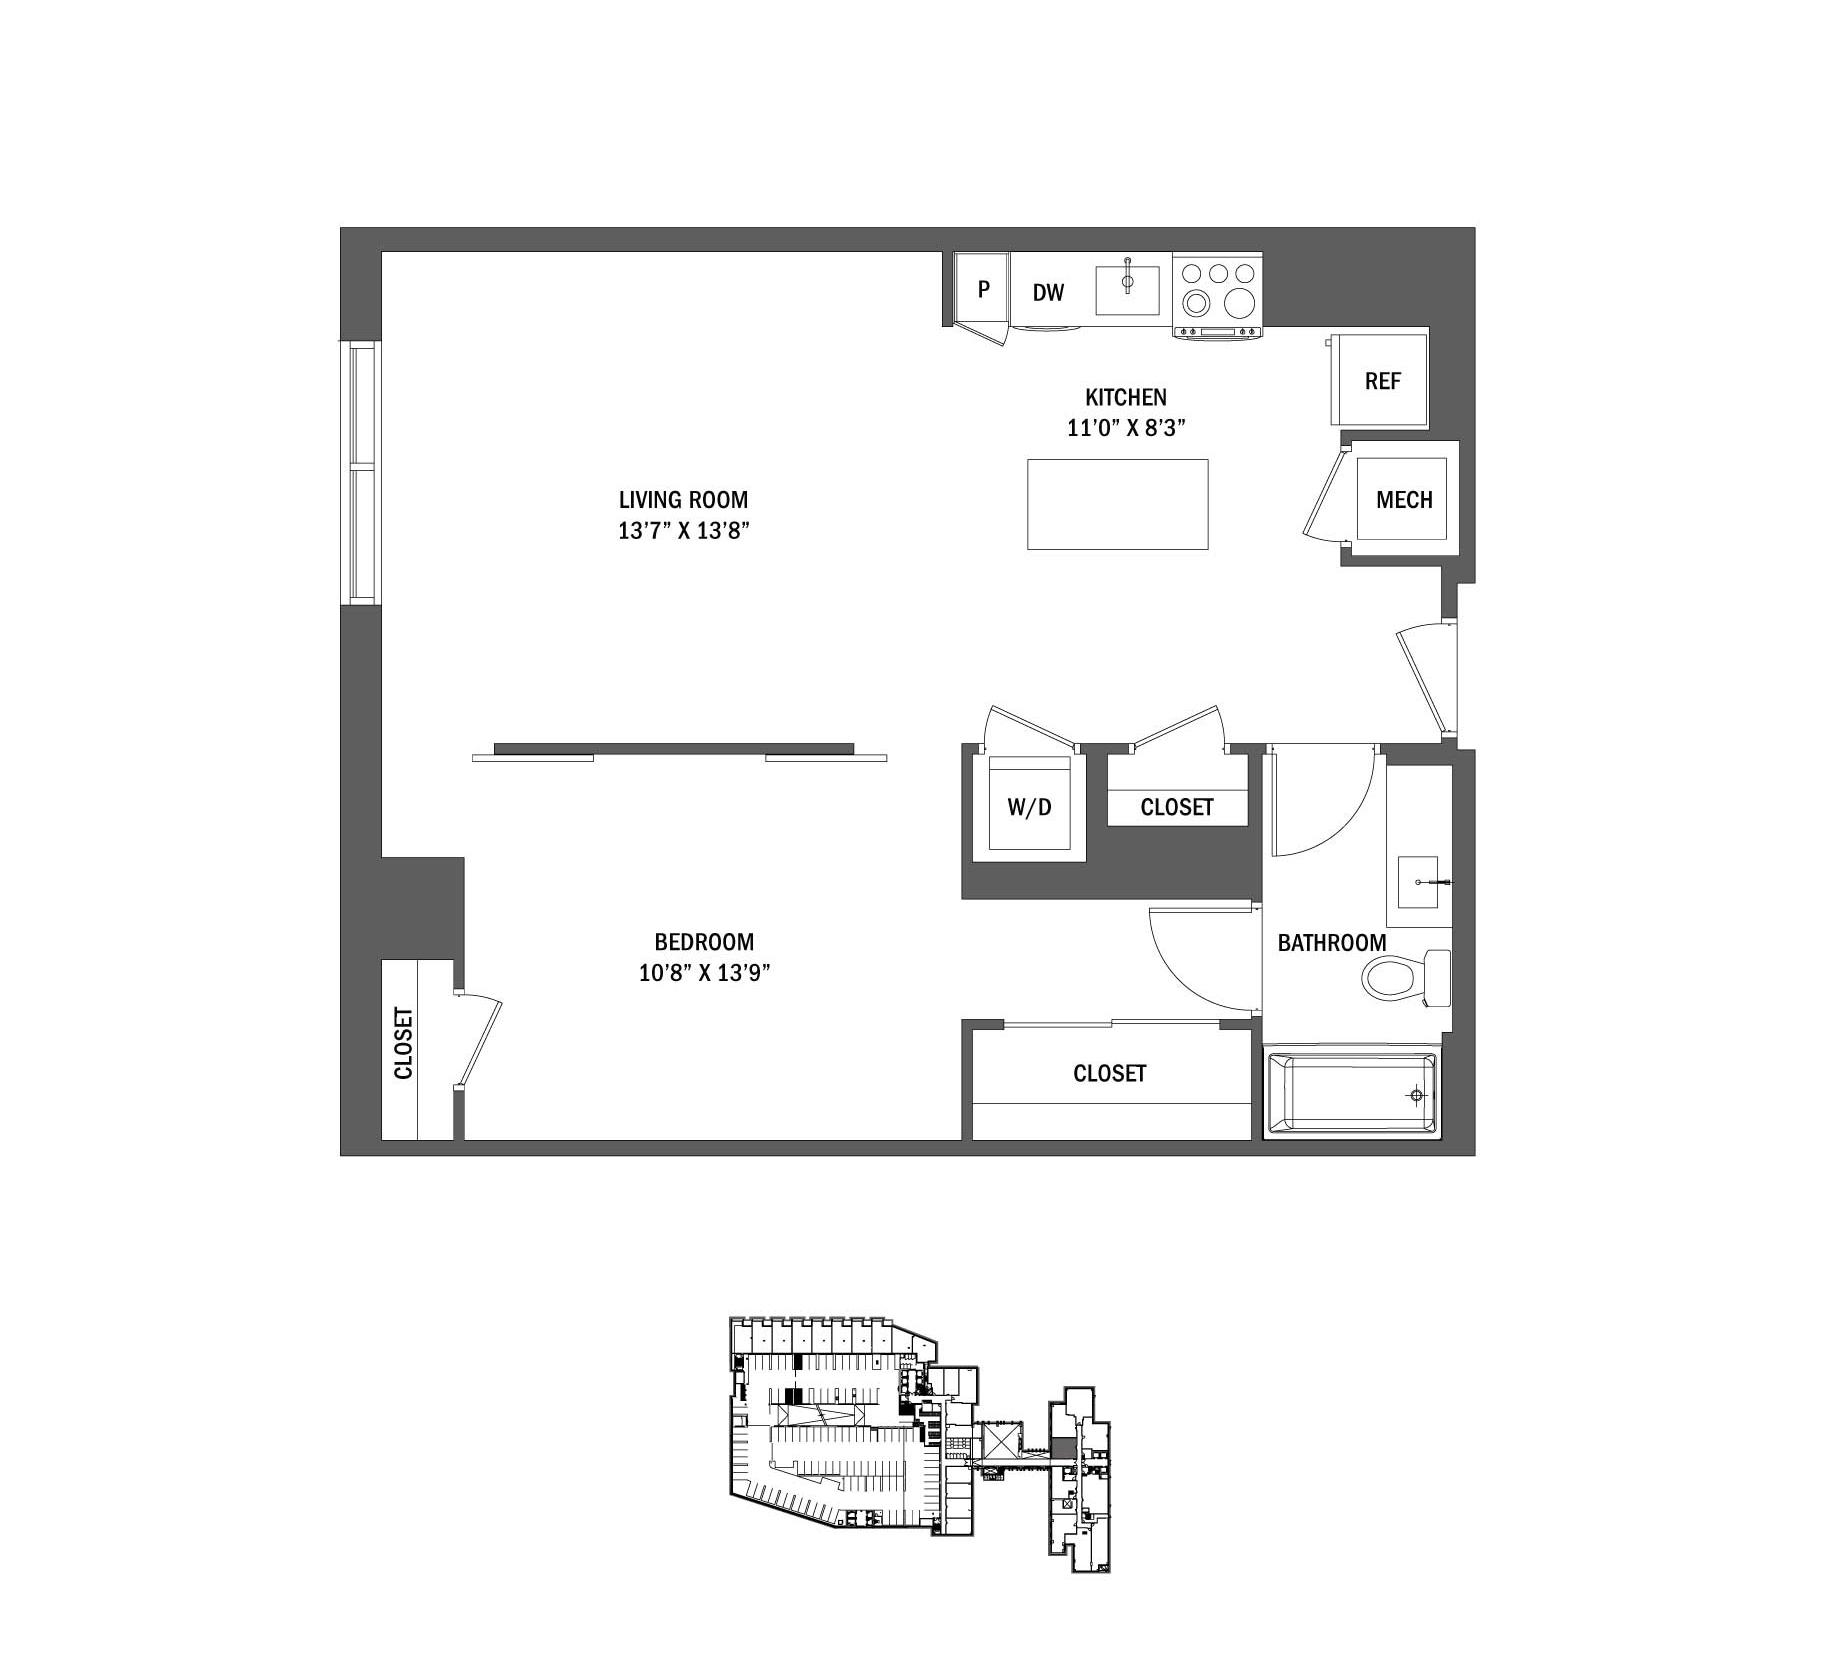 P0625338 789sa02 e04 02 2 floorplan